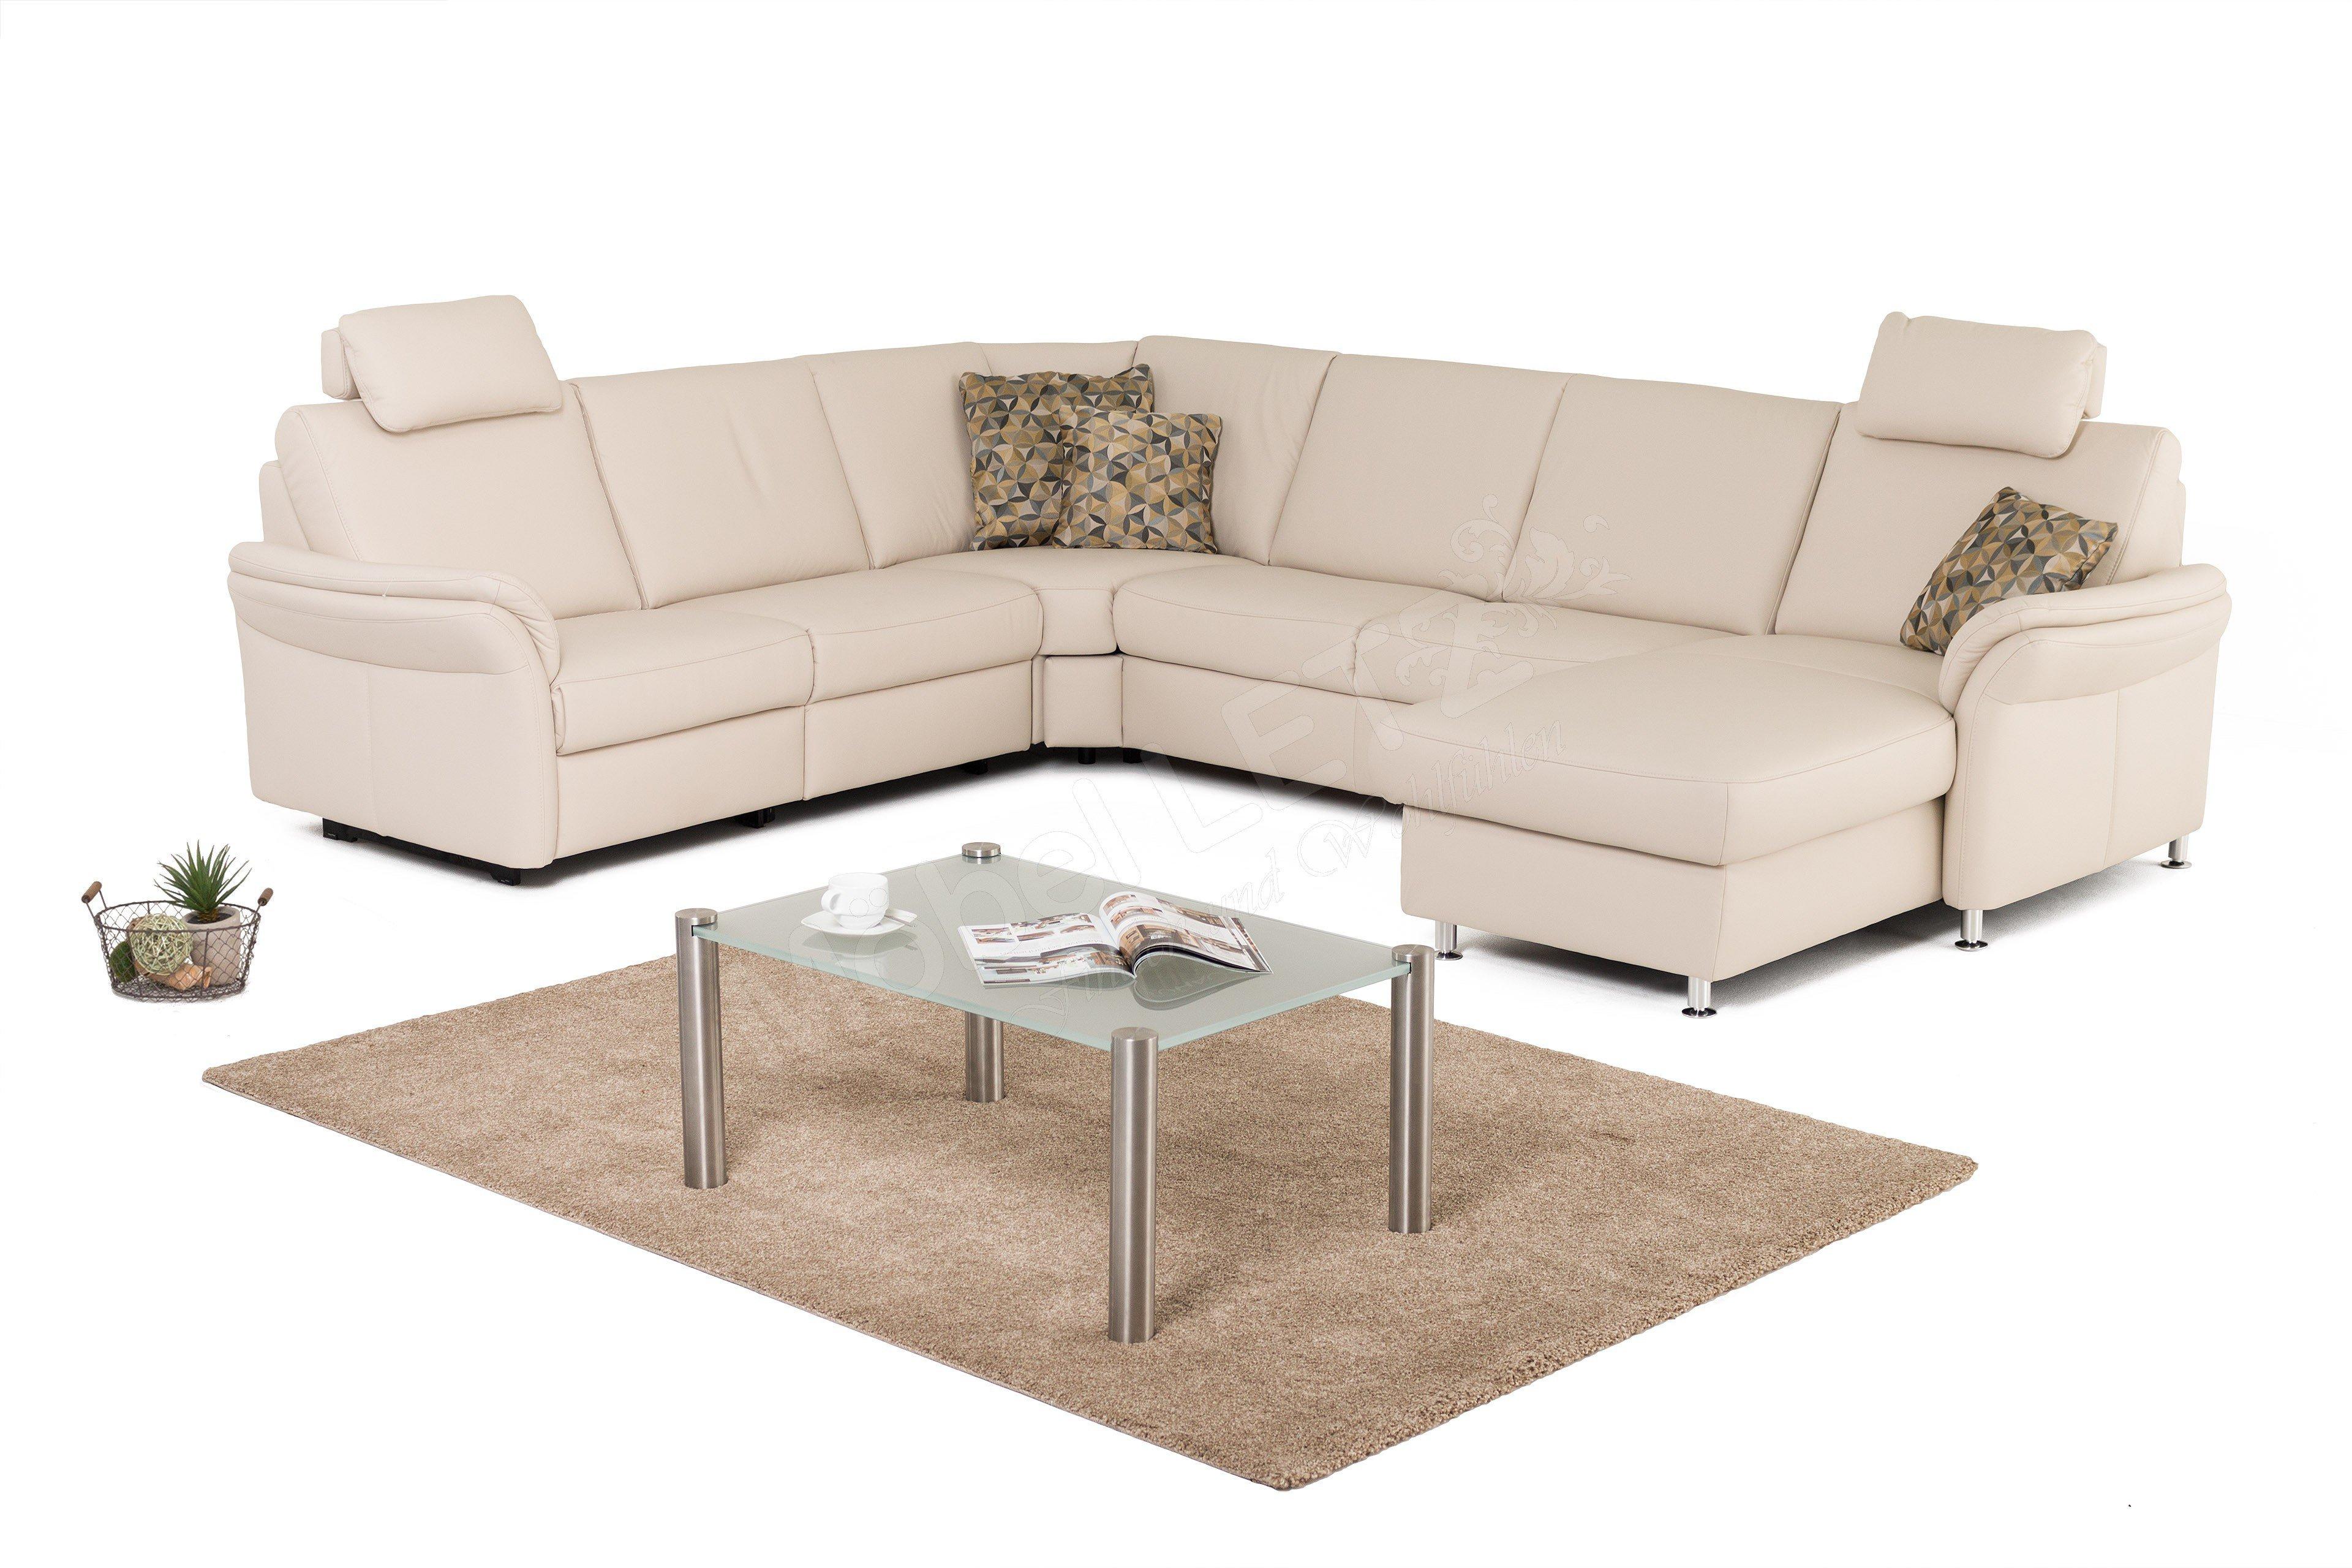 Polinova Polstermöbel | Möbel Letz - Ihr online Möbel-Shop